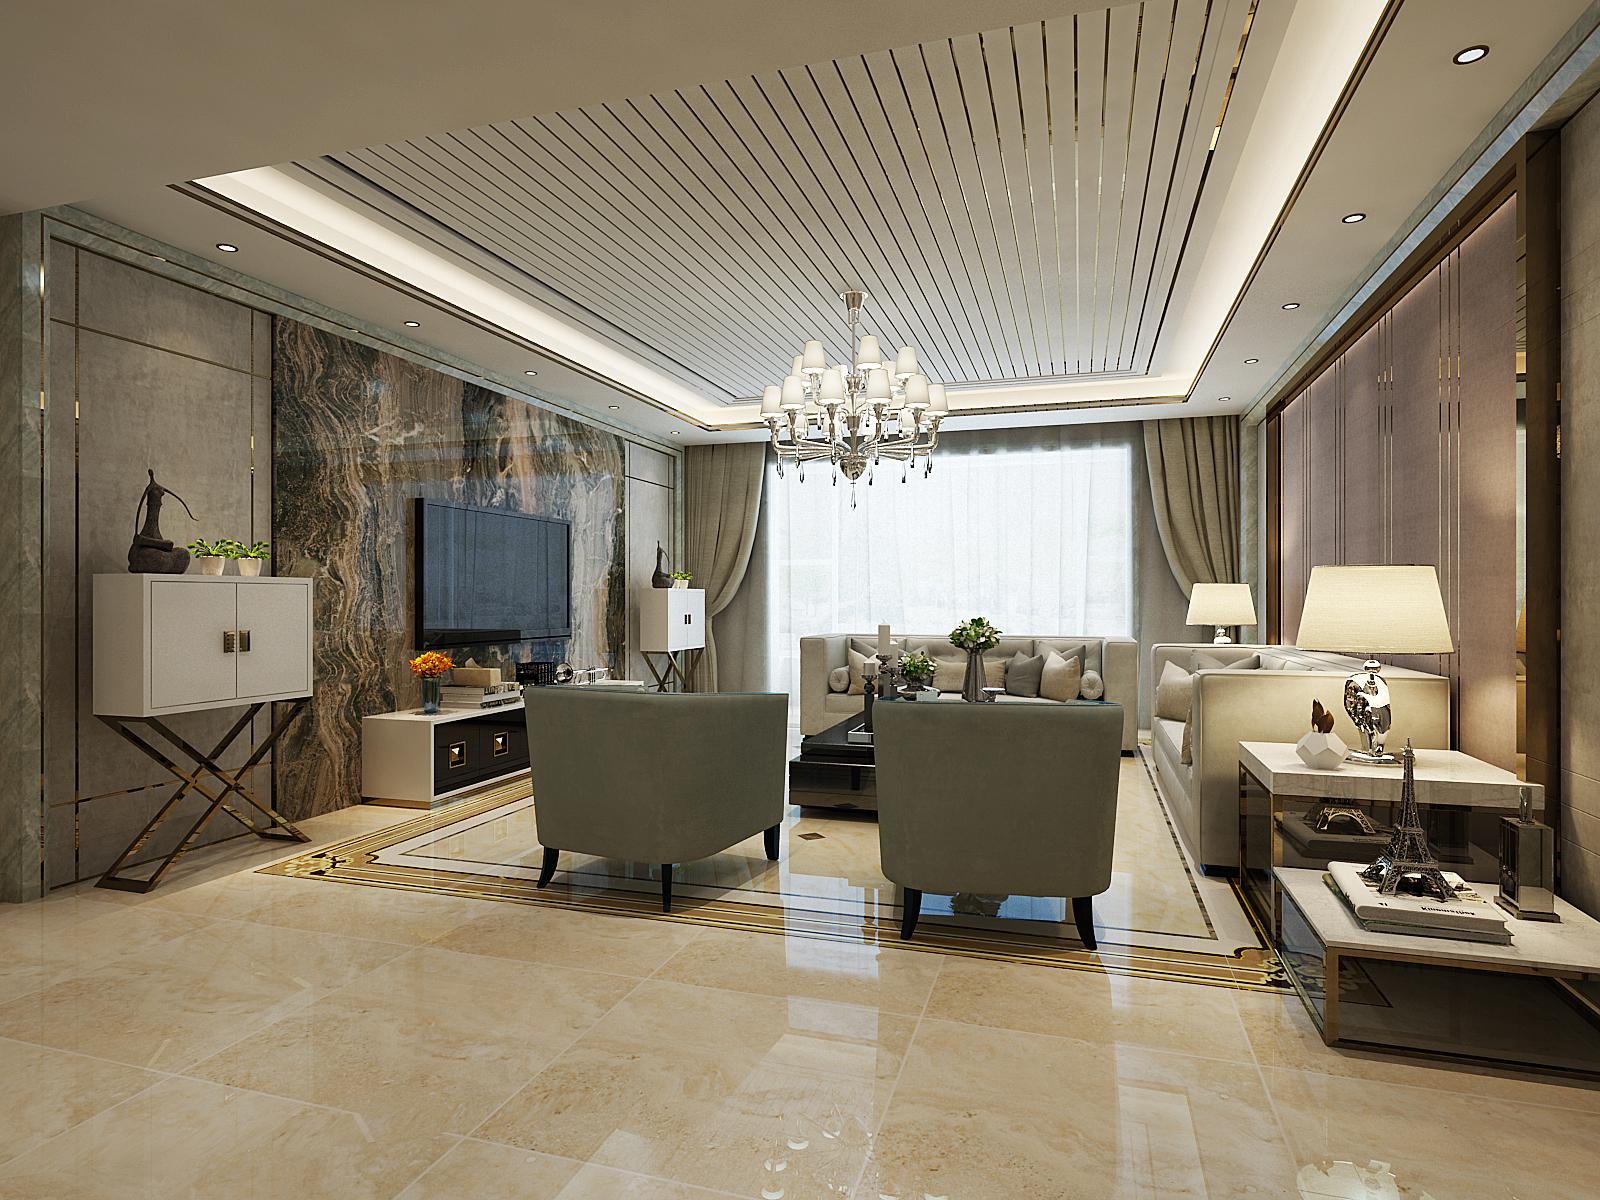 客厅图片来自北京业之峰装饰王宏哲在时尚奢华的后现代风格的分享